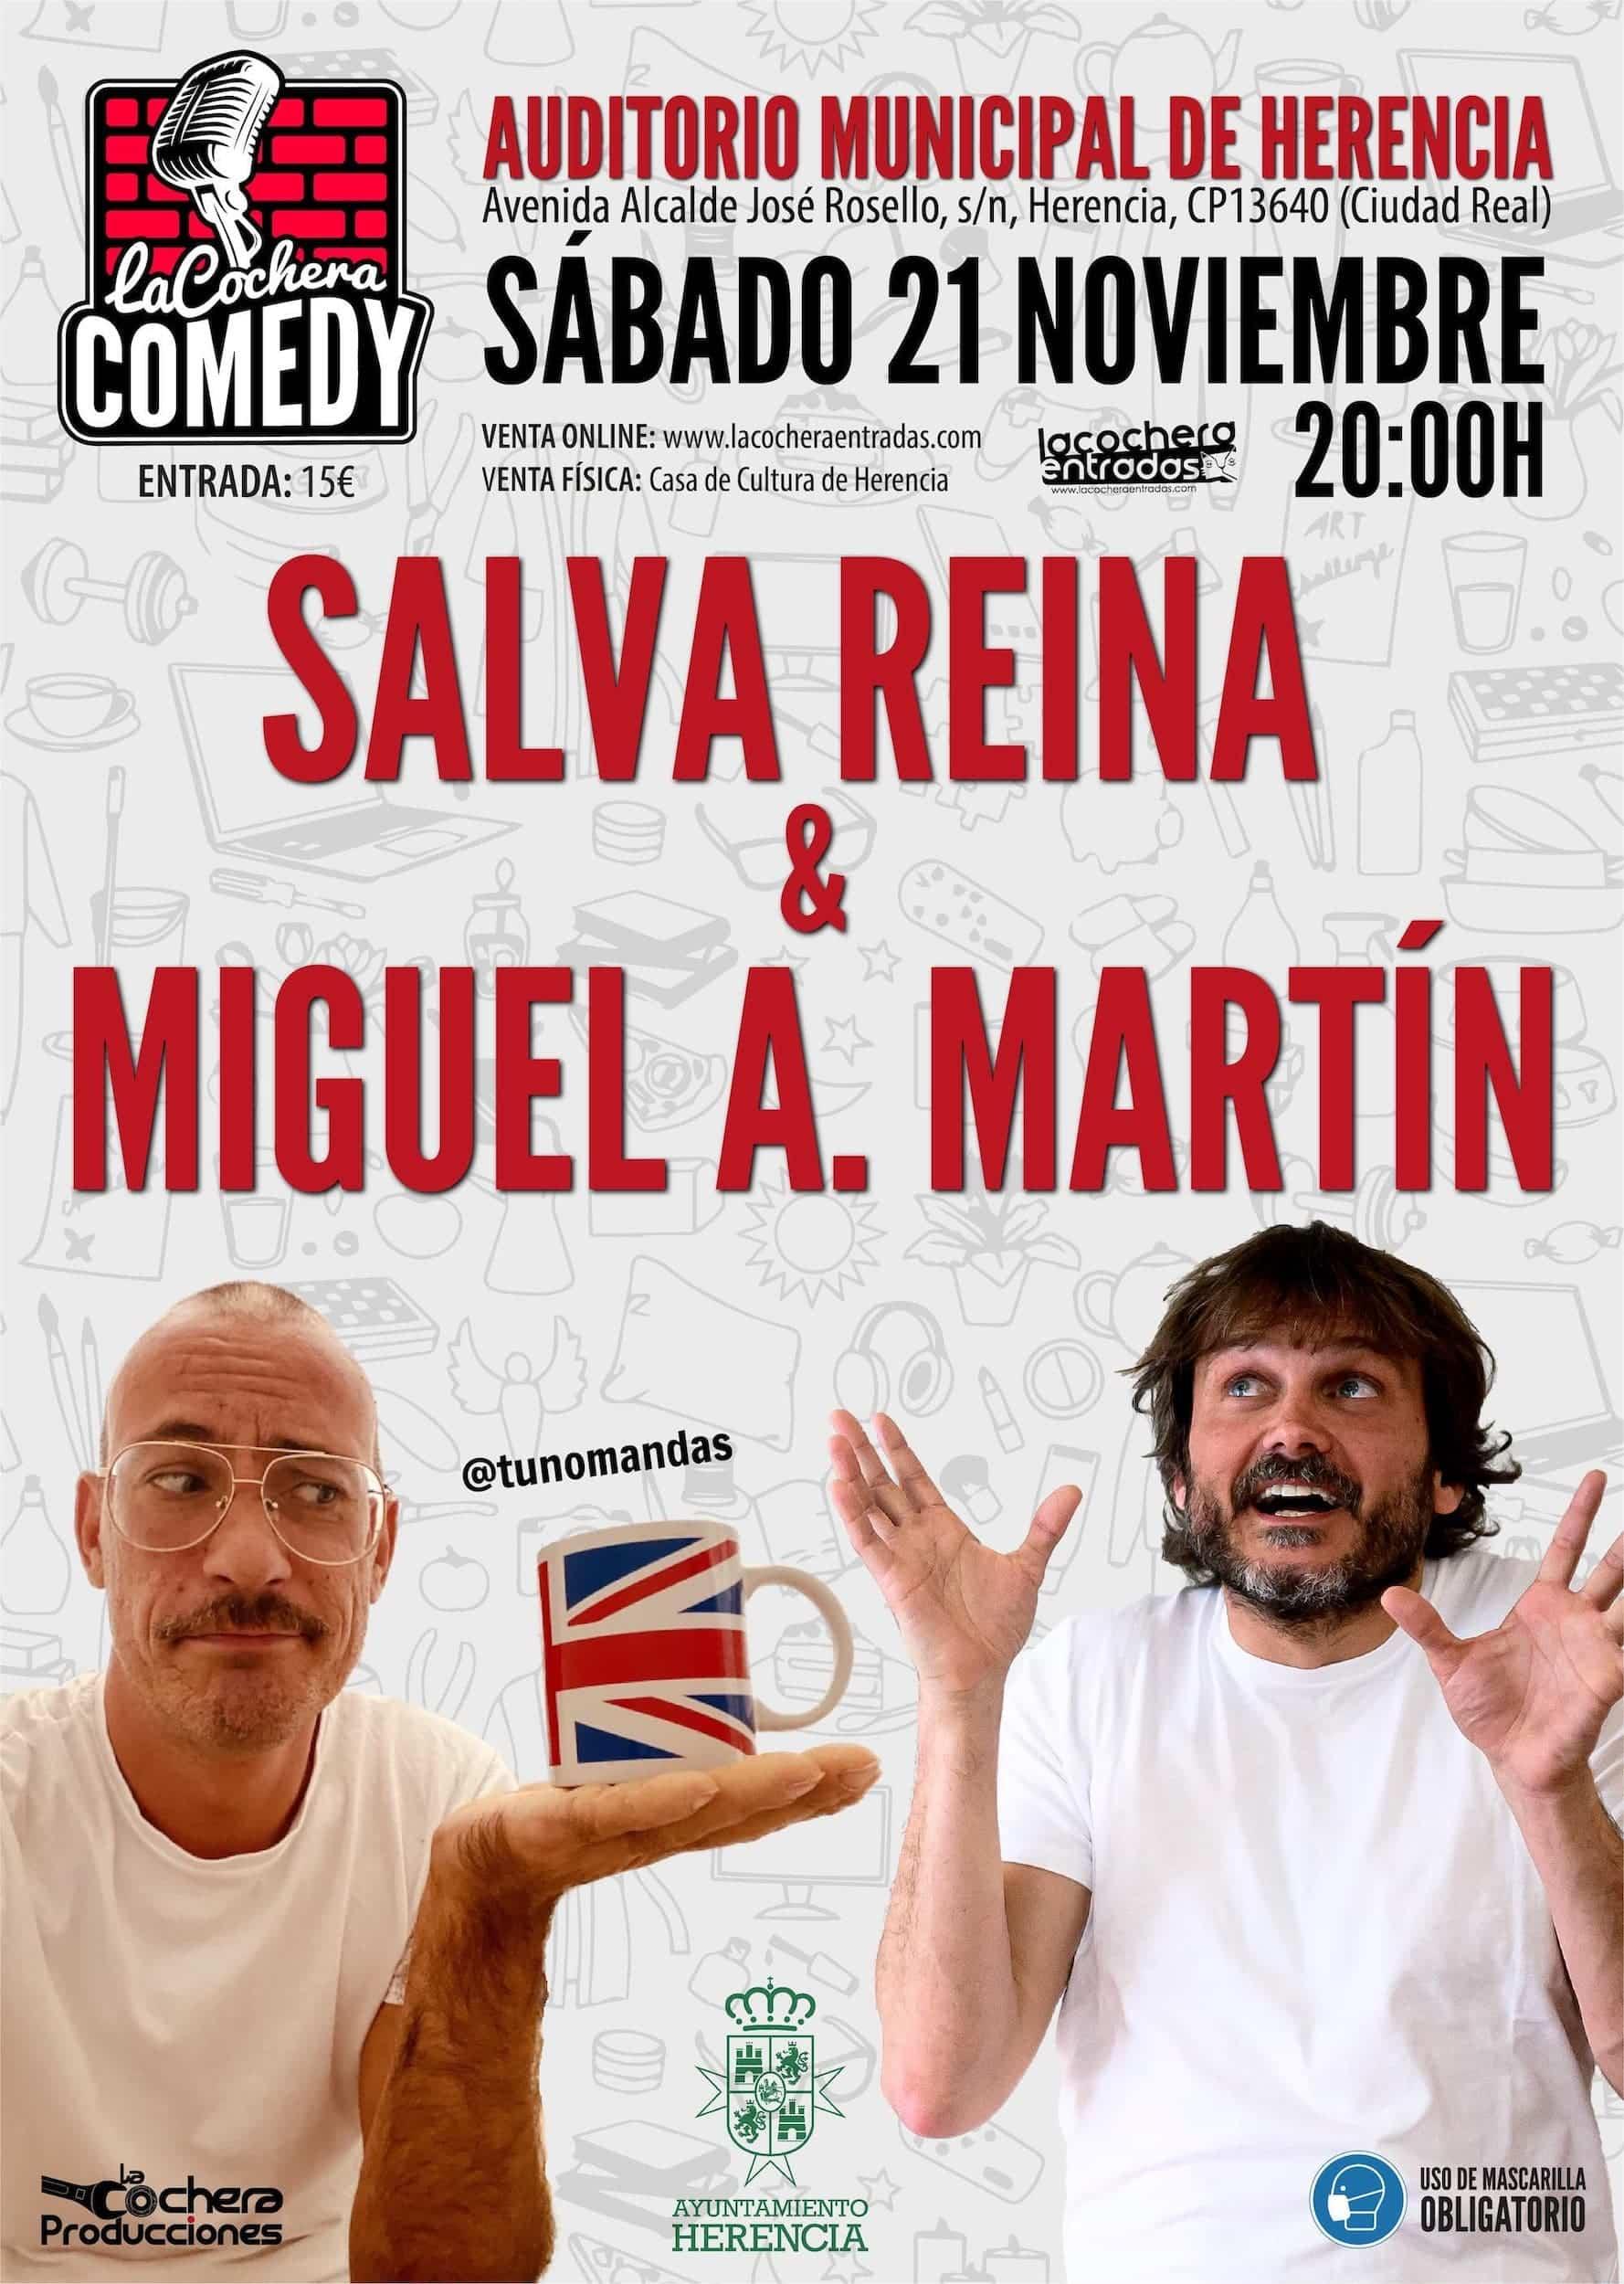 Salva Reina y Miguel Ángel Martín actuarán en el Auditorio Municipal de Herencia 3